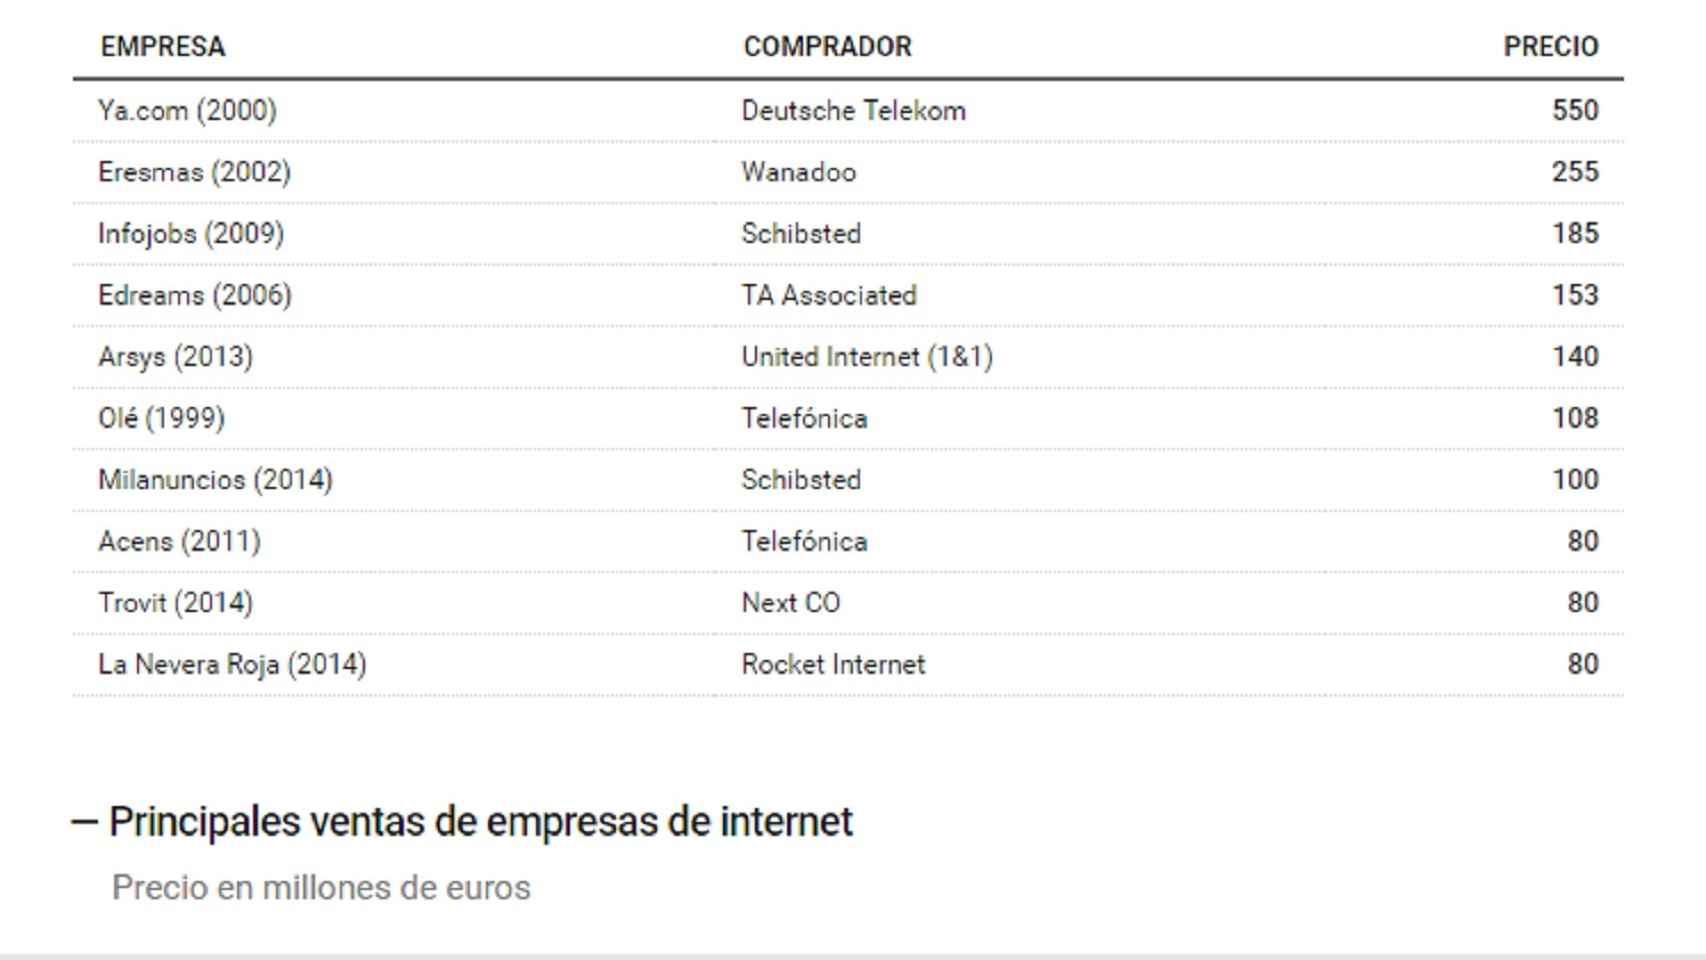 Ranking de las principales ventas de empresas en internet.